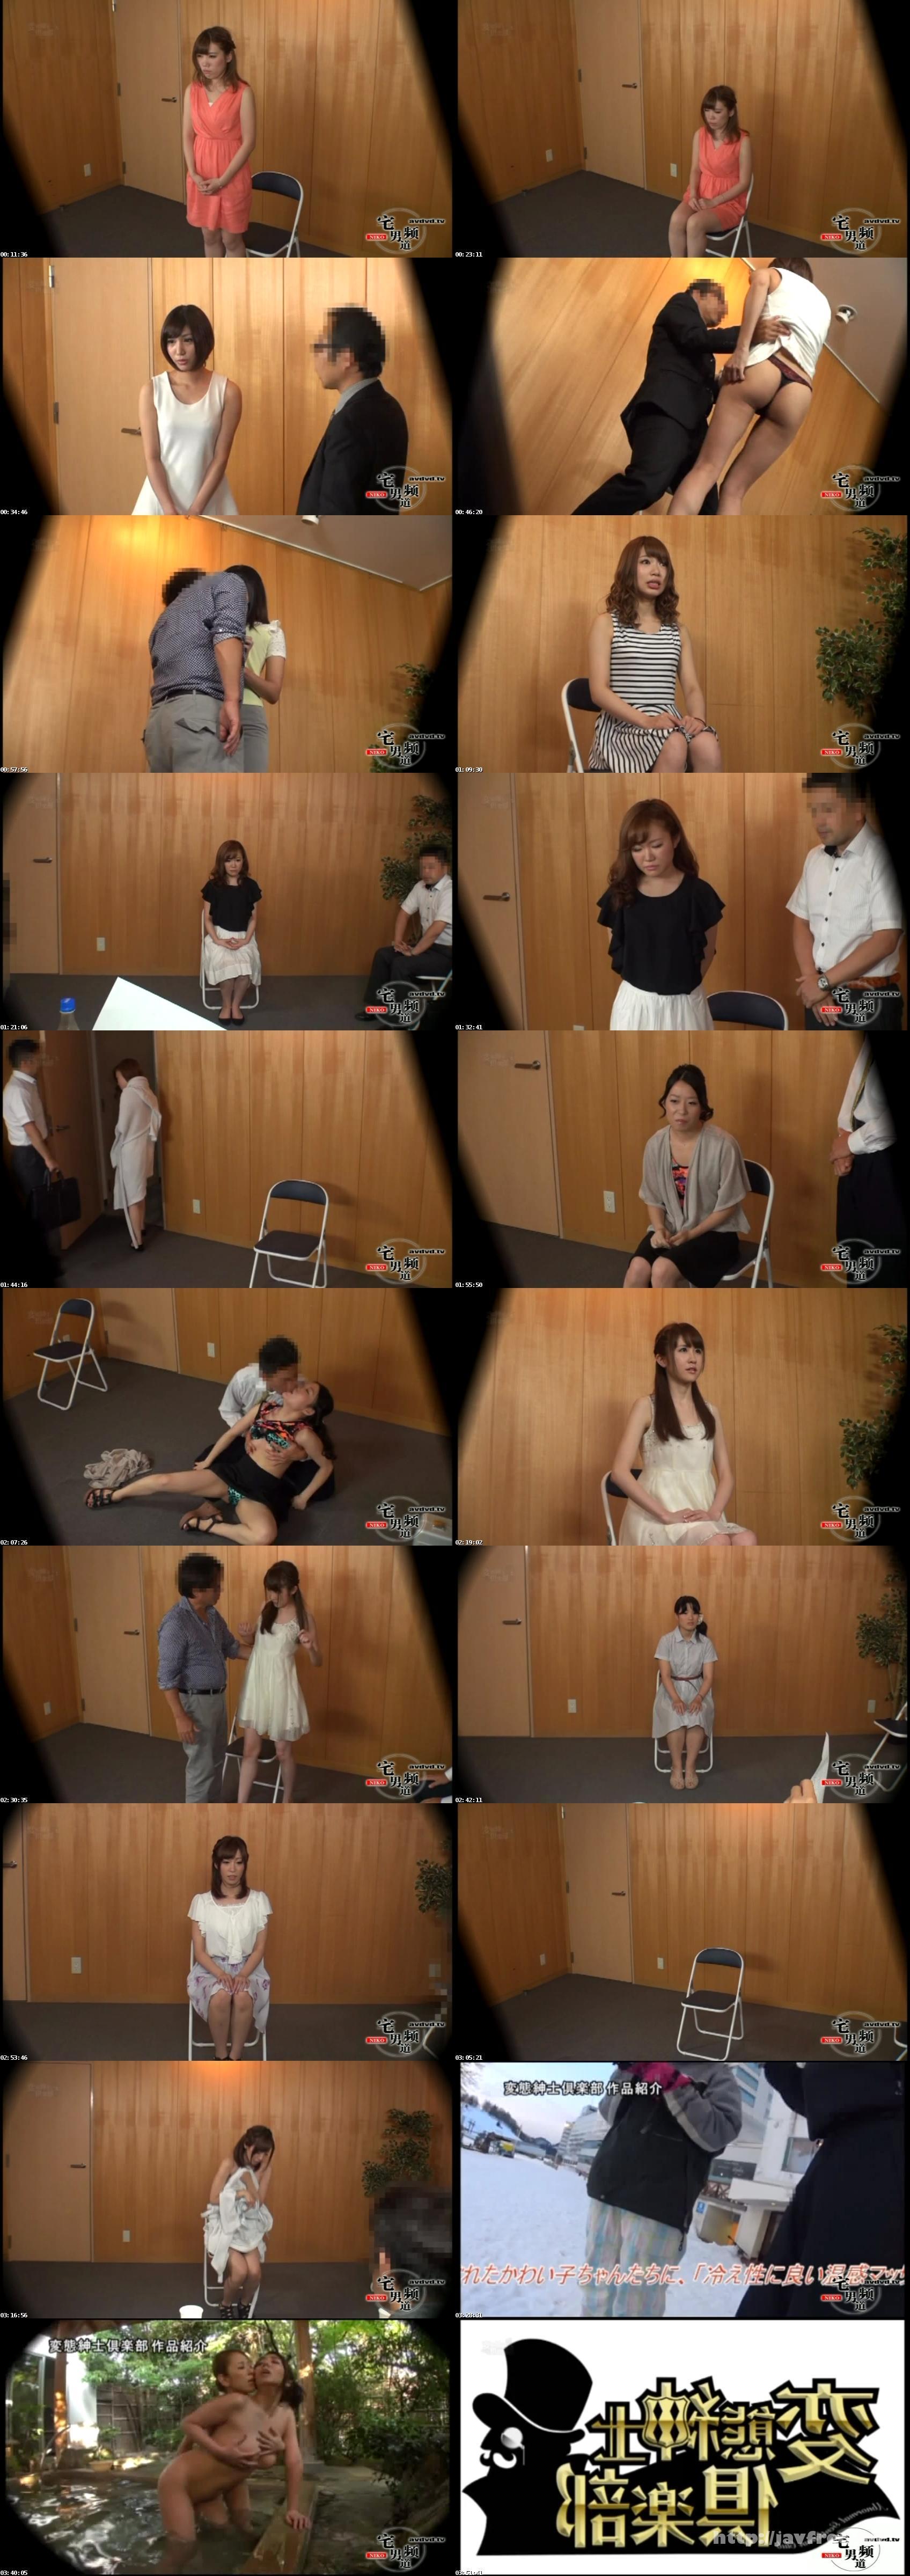 [CLUB-247] 偽の猥褻映画をでっちあげ、新人女優たちを羞恥面接!「映画の為ならなんでもします」という美少女たちに、ラブシーンの審査と称して隣にいたマネージャーとキスをさせたり、服を脱がせてセクハラしまくった盗撮映像 - image CLUB-247 on https://javfree.me